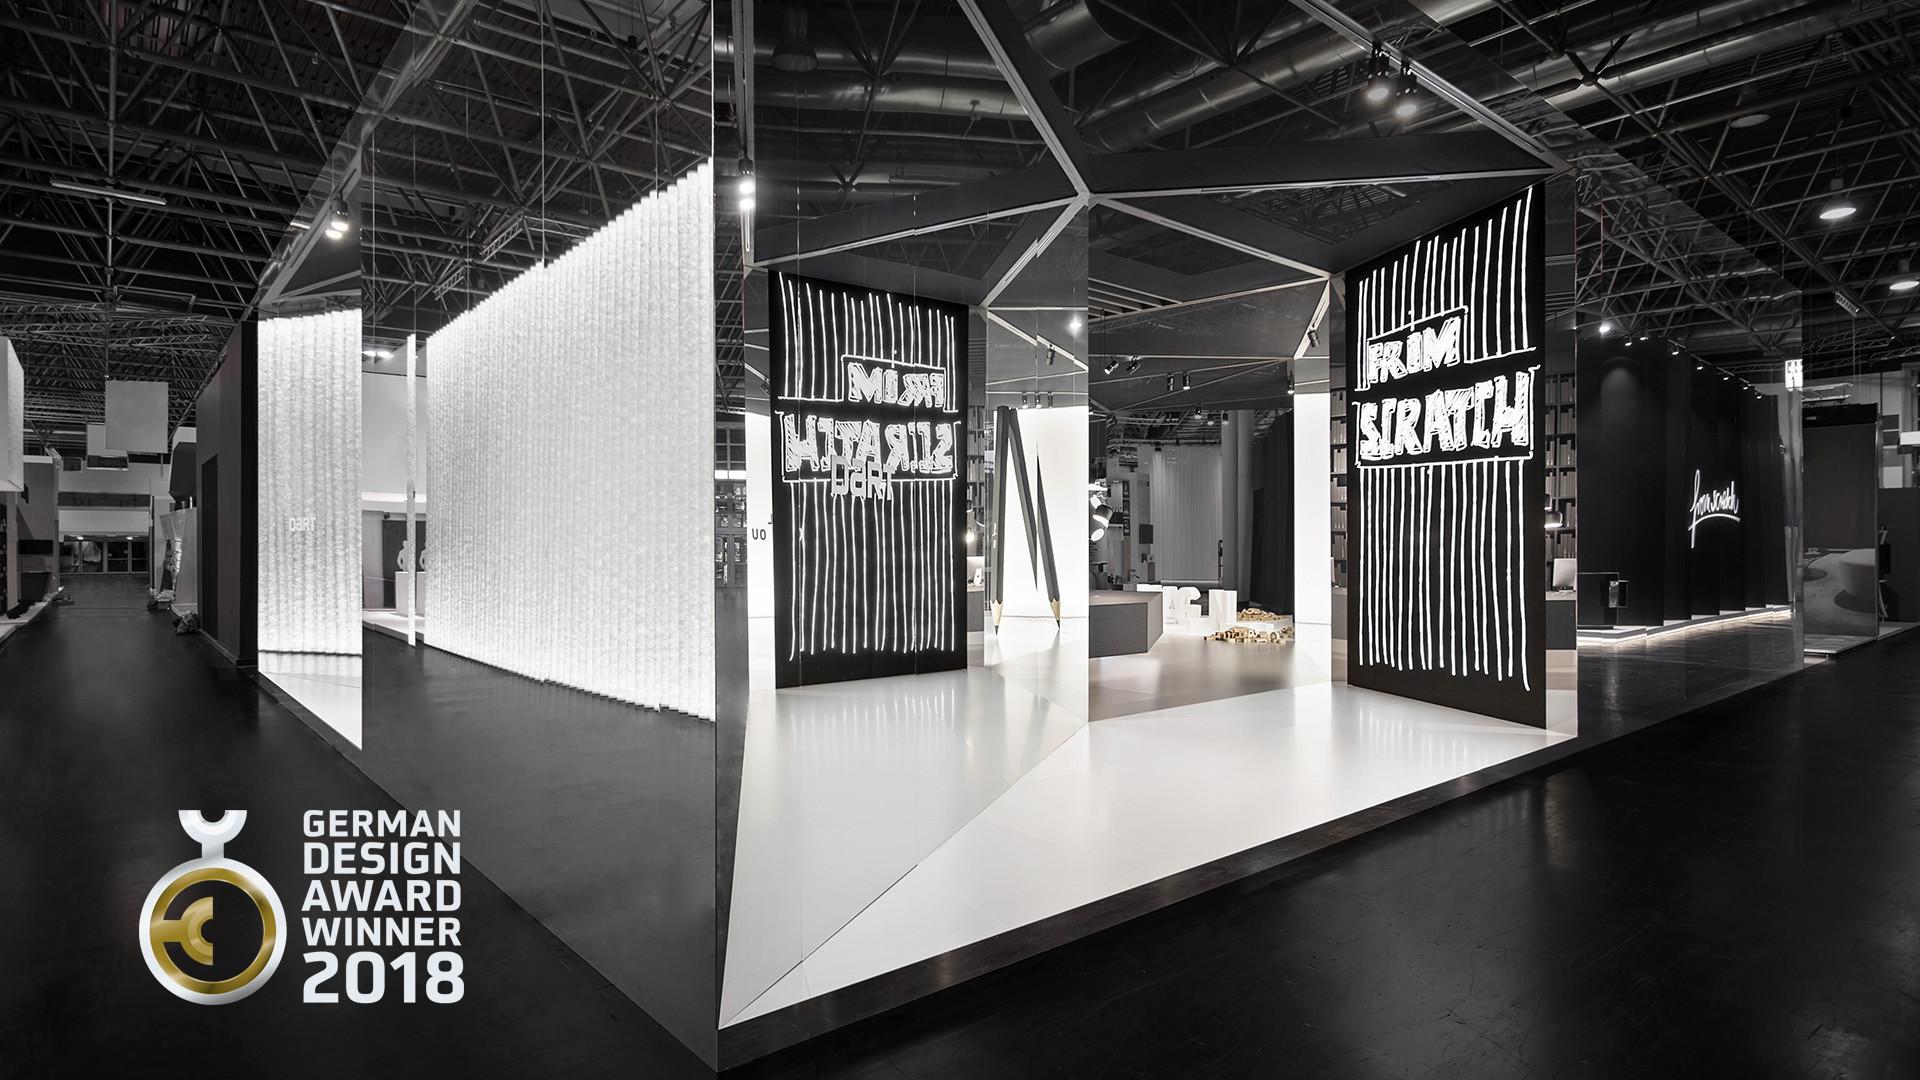 distinguished german design award 2018 for from scratch news d 39 art design gruppe. Black Bedroom Furniture Sets. Home Design Ideas